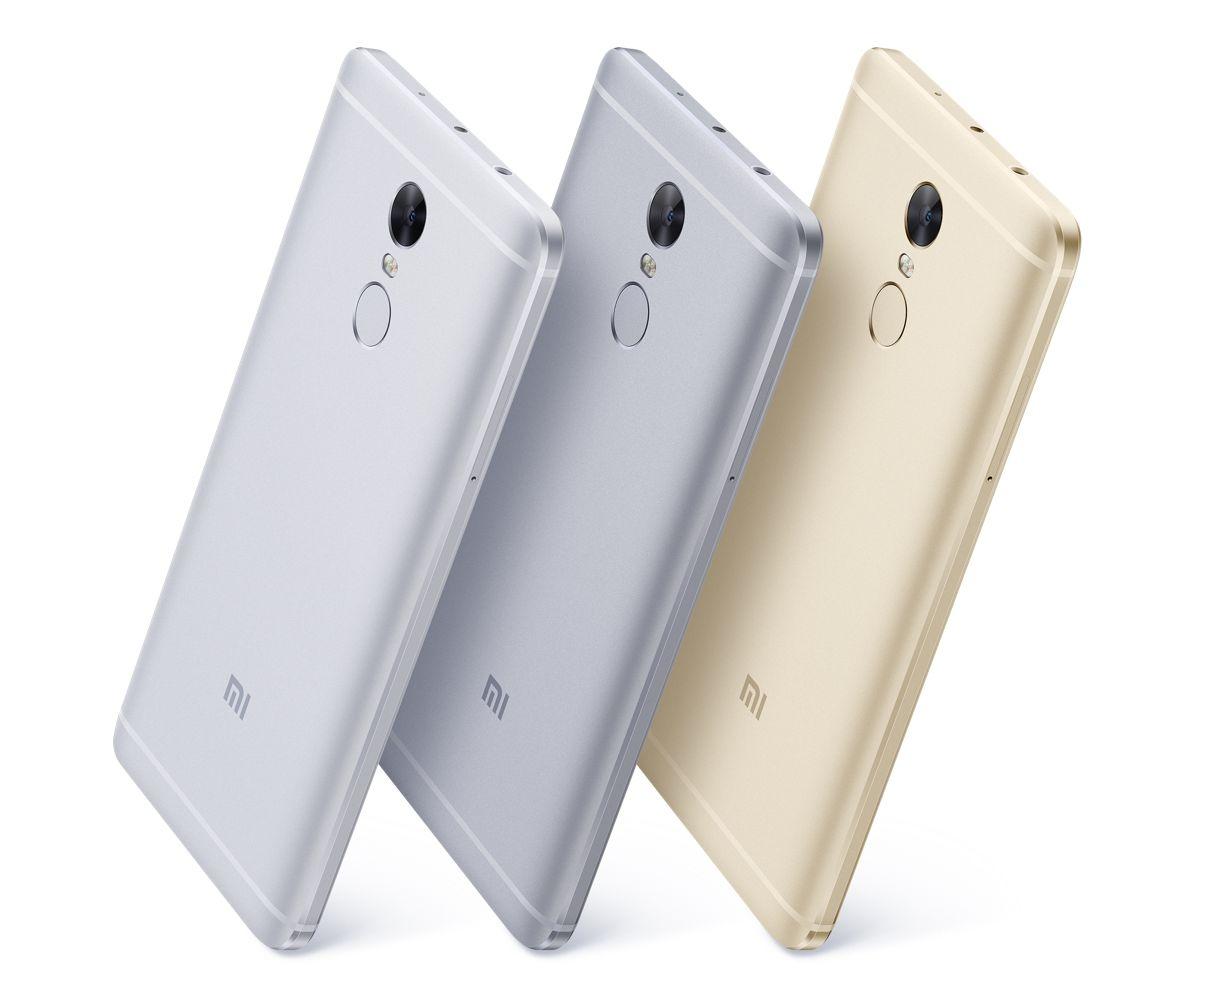 Xiaomi Redmi Note 4 Wallpapers: Xiaomi Dévoile Son Redmi Note 4